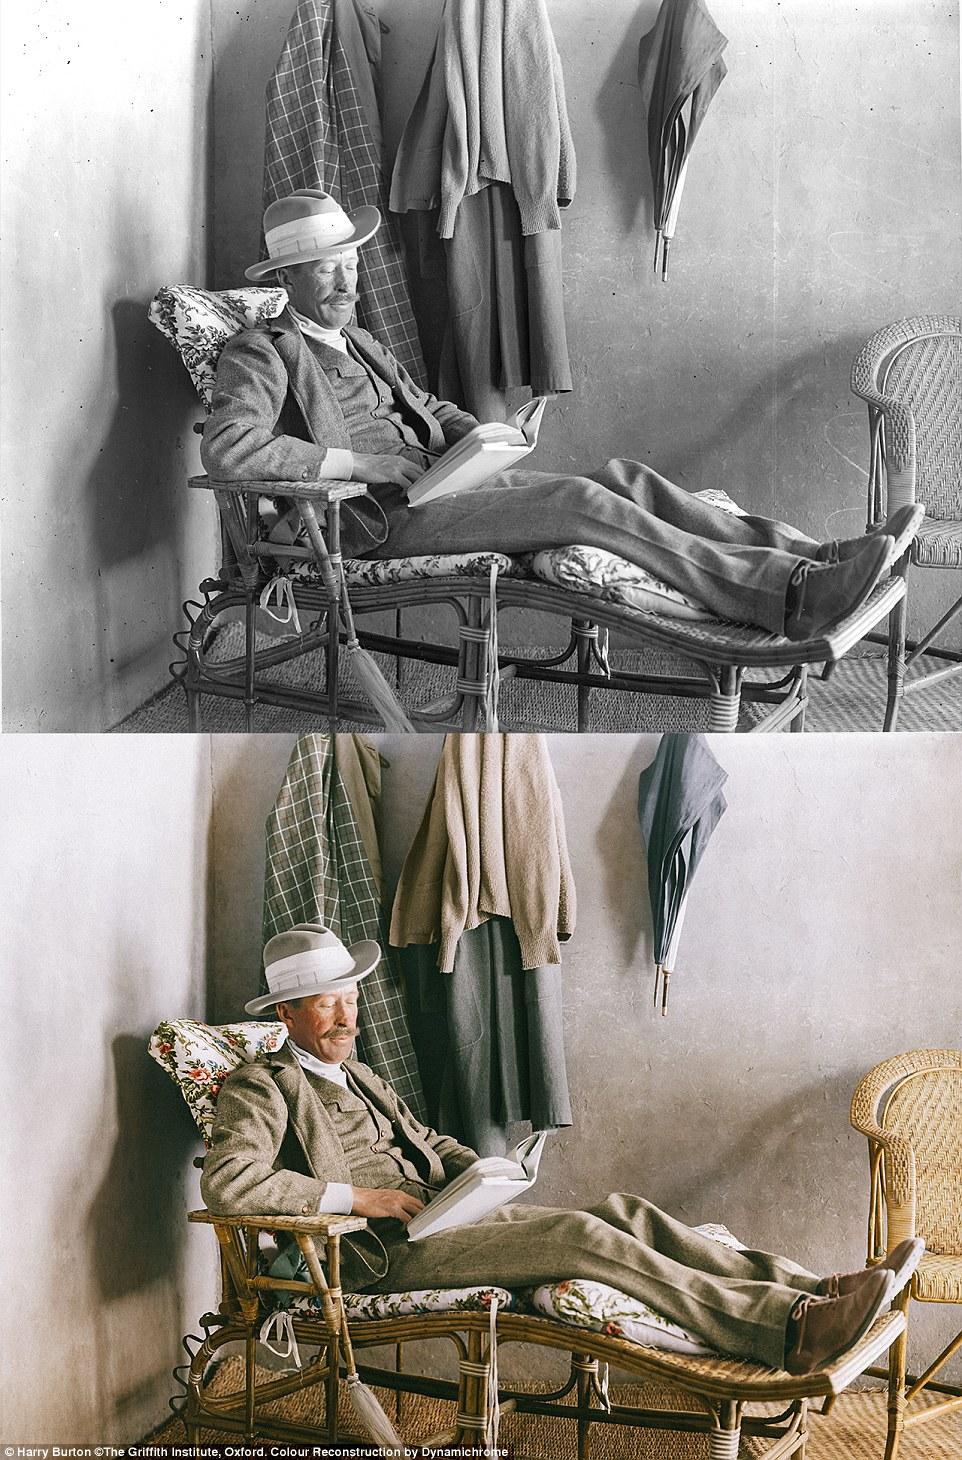 رنگی کردن عکسهای سیاه و سفید کشف مقبره فرعون + تصاویر